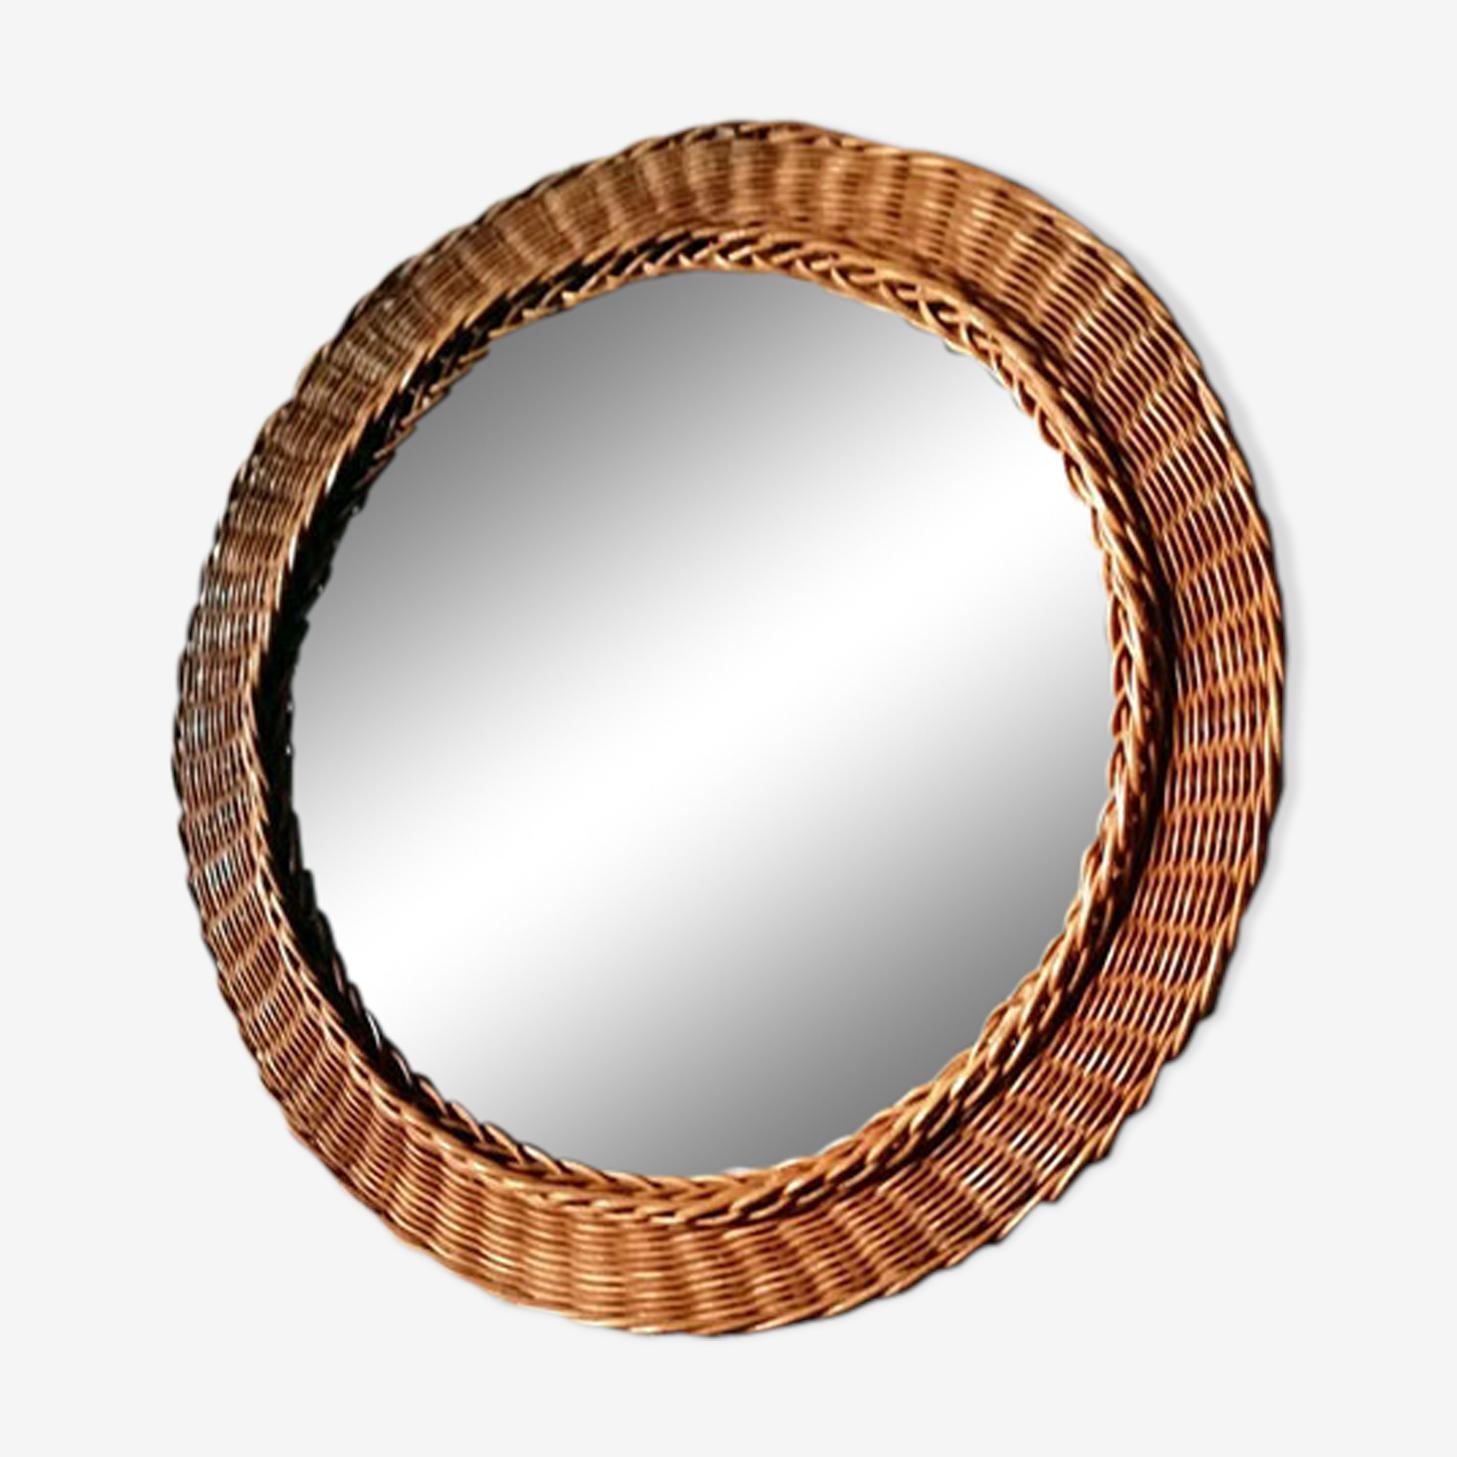 Braided Wicker round mirror 39cm